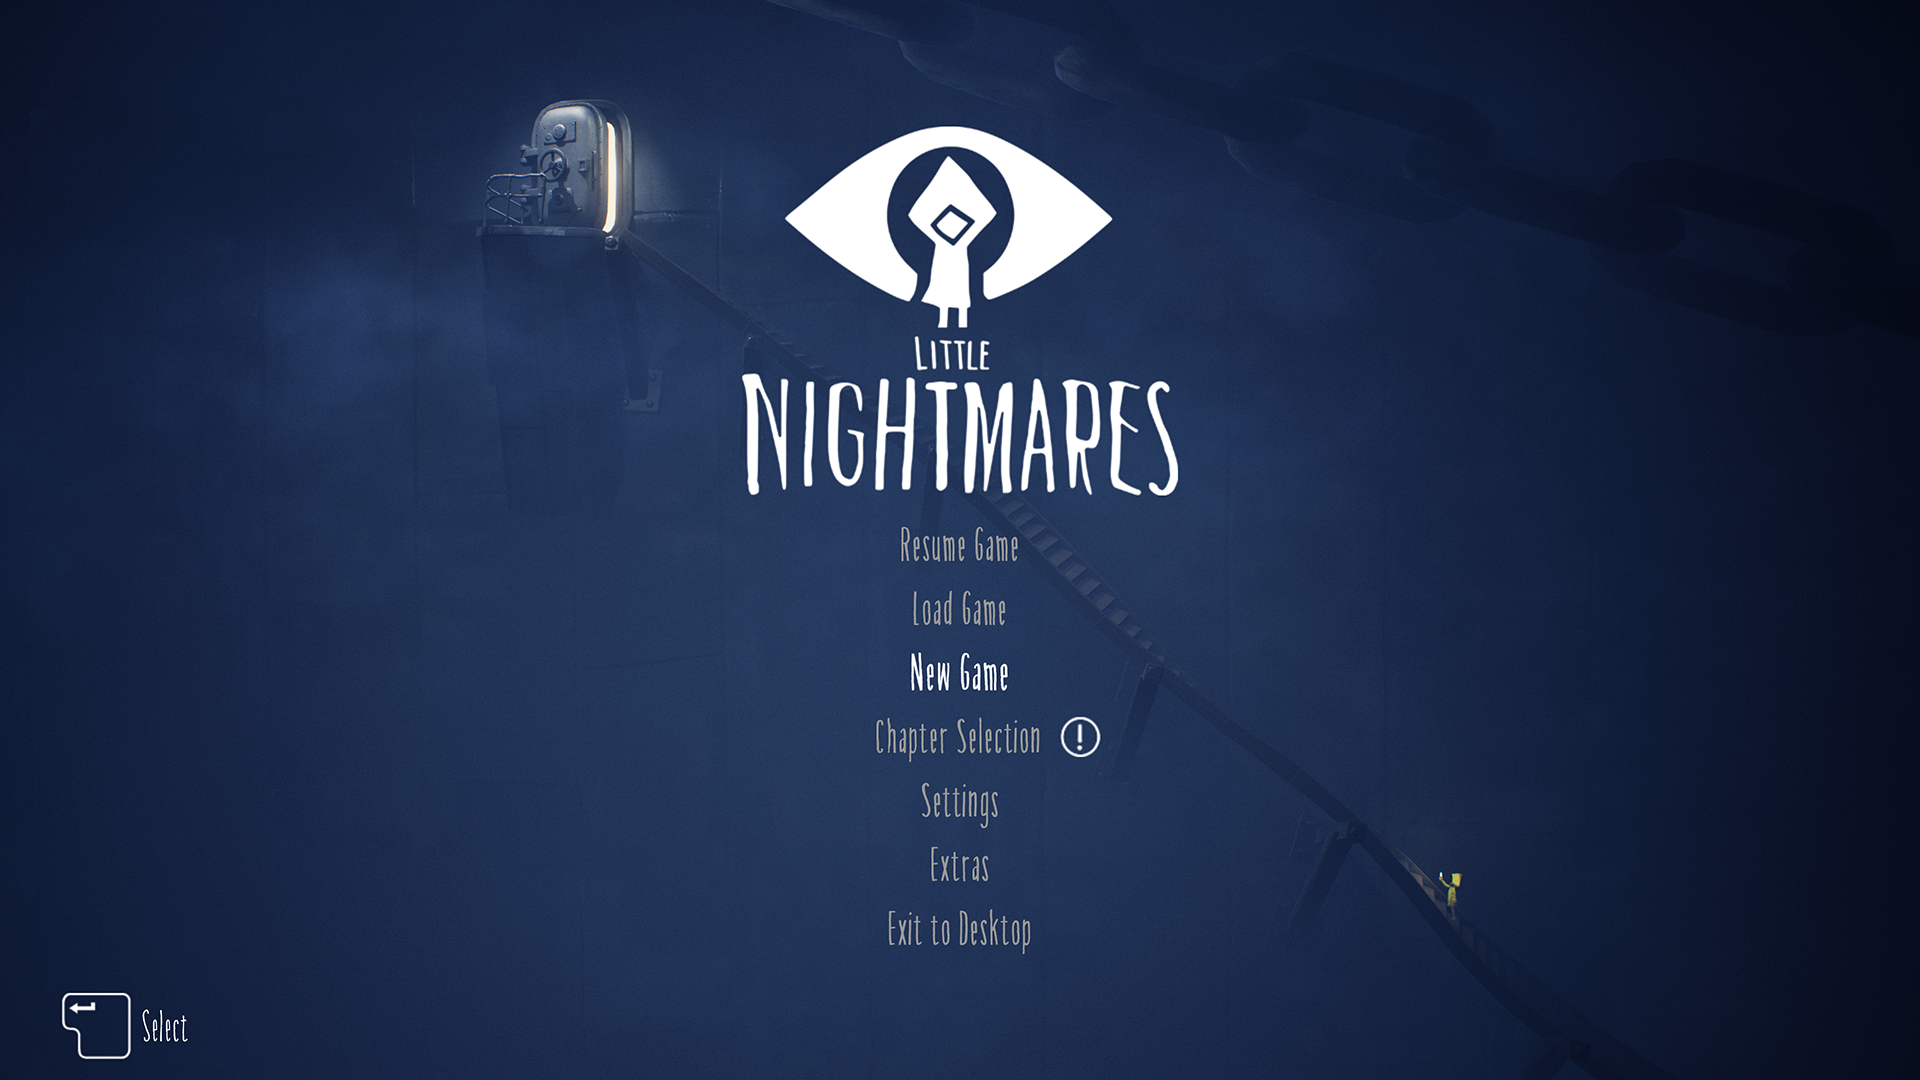 2018-10-20 15_04_18-Little Nightmares.png